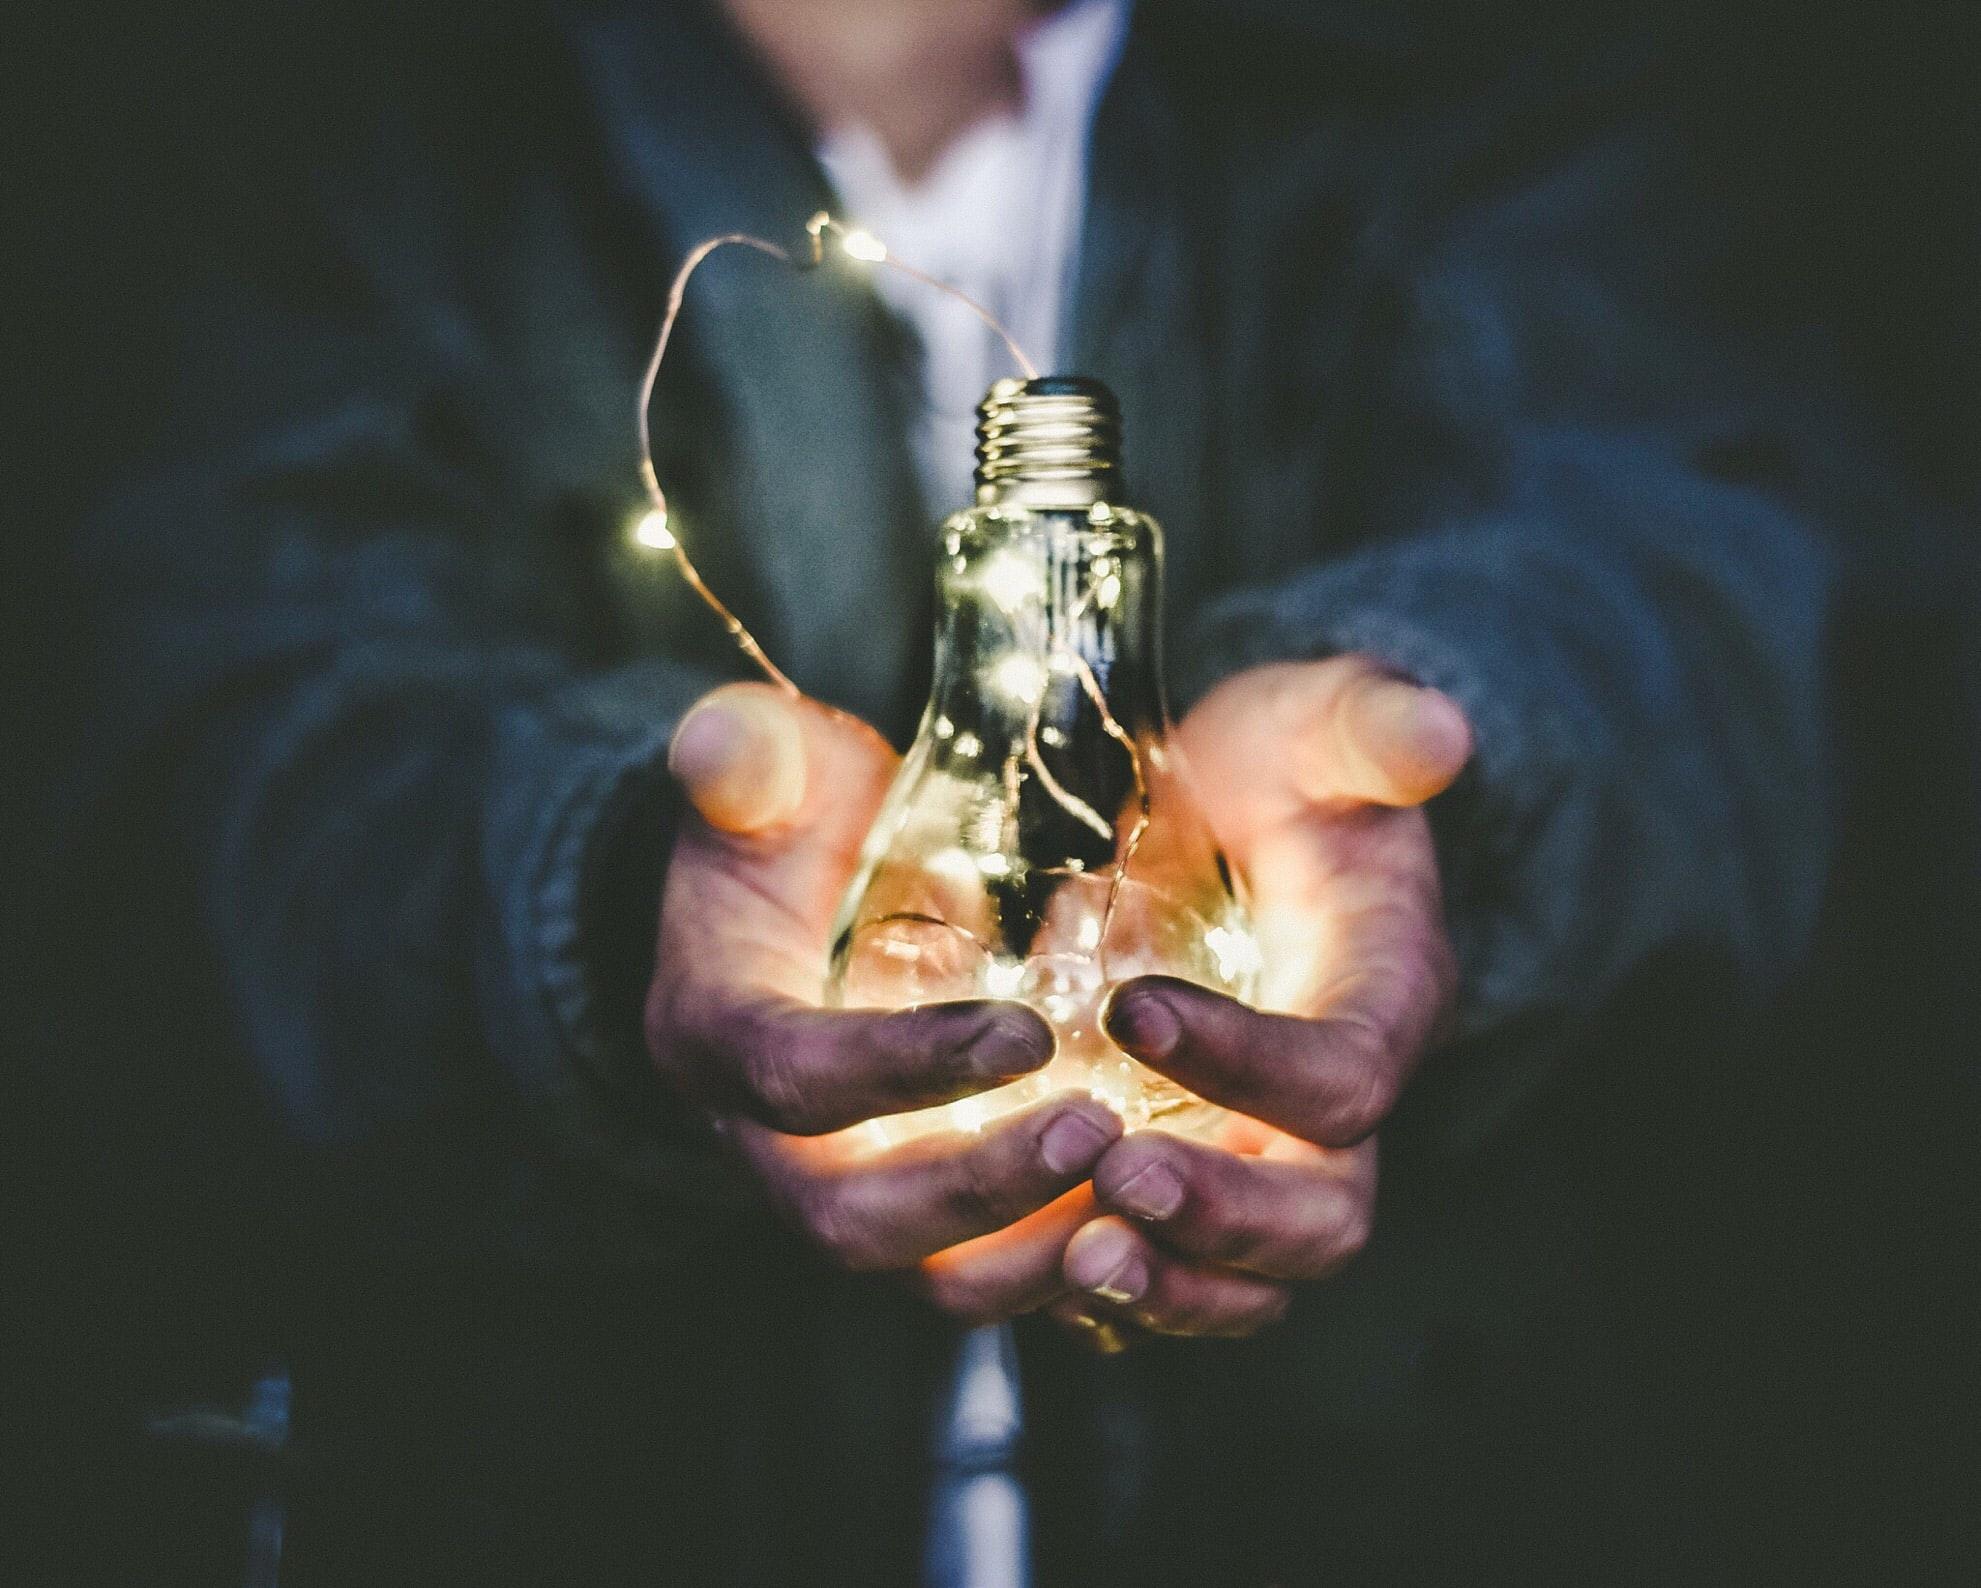 Hands holding a light bulb.